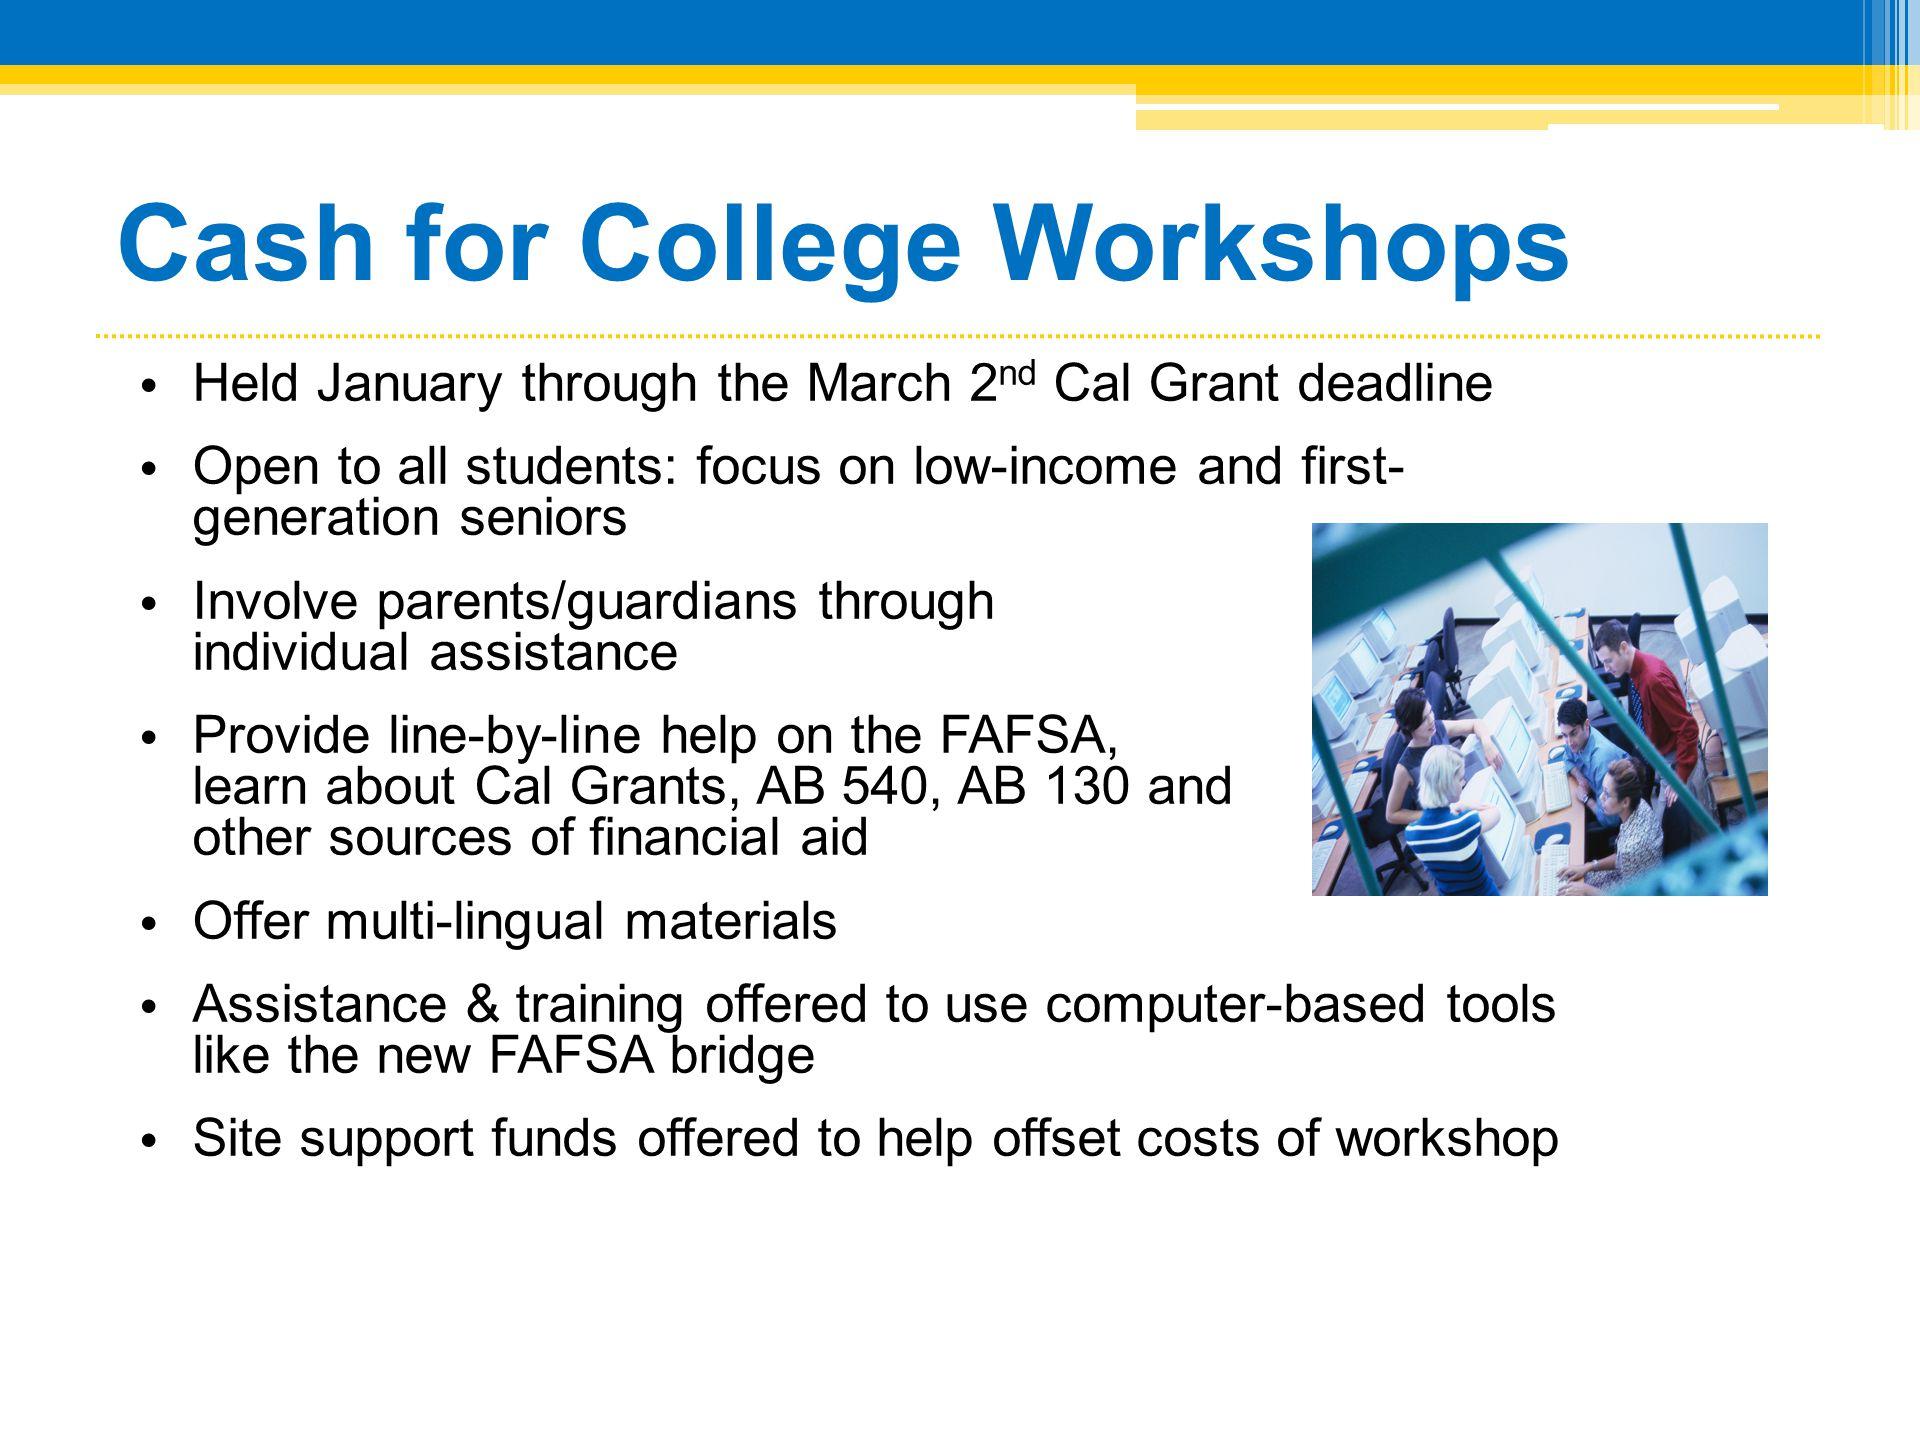 Cash for College Workshops